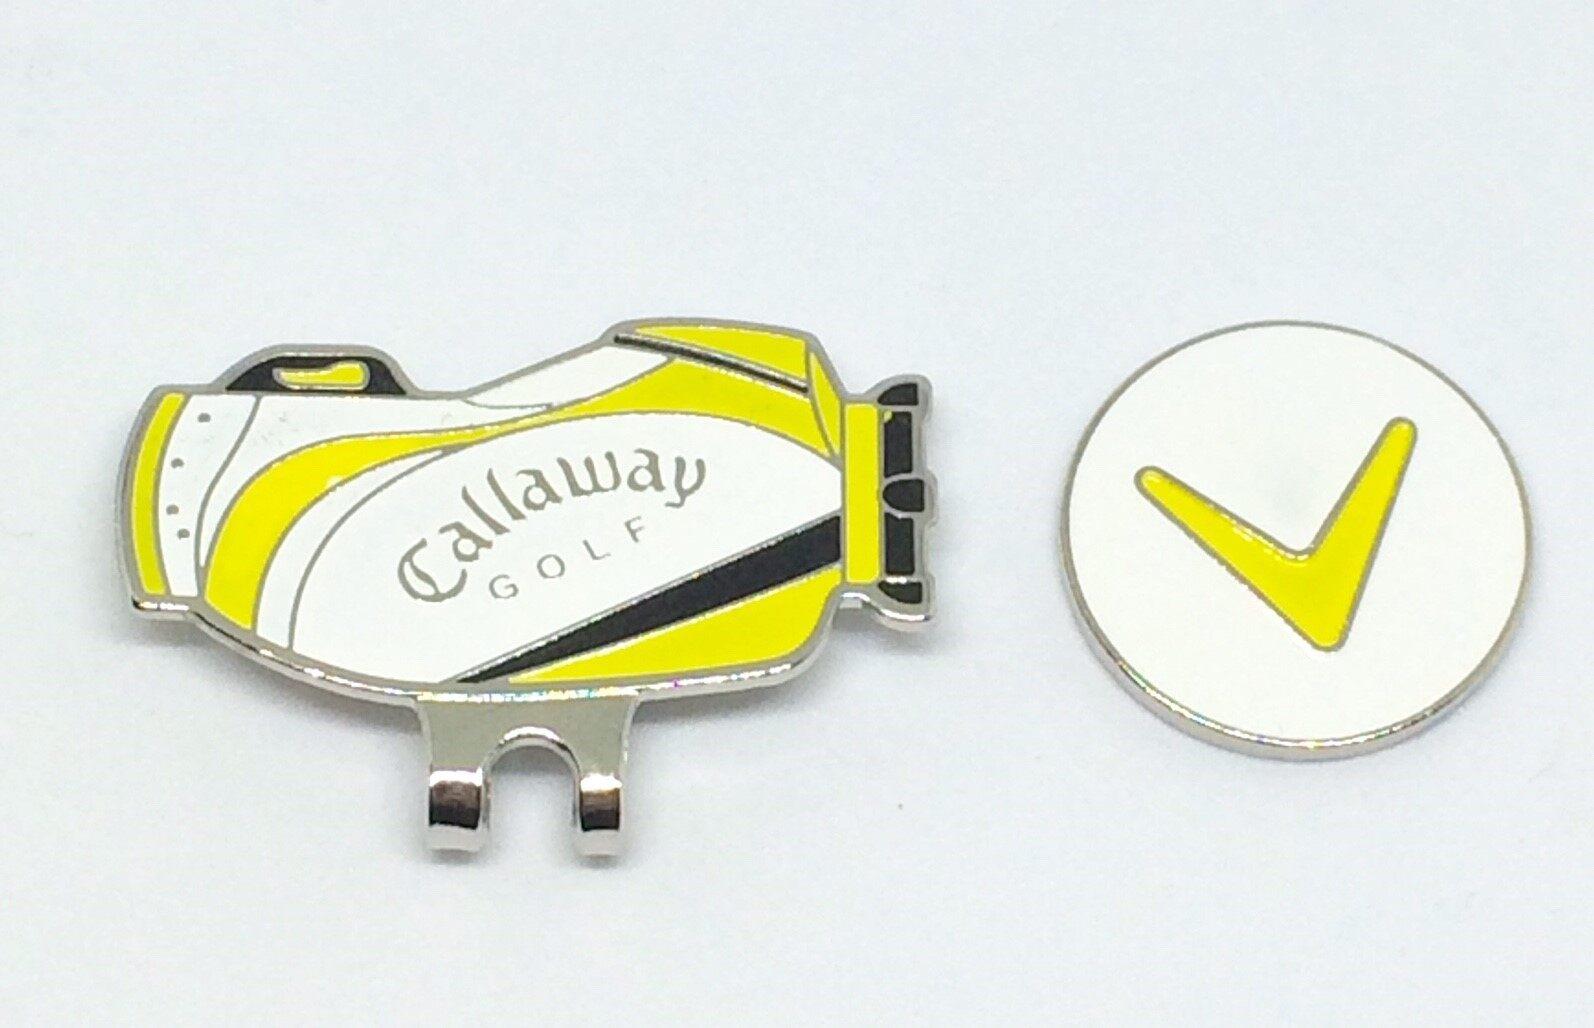 คลิปหมวกแม่เหล็ก มีให้เลือกหลายลาย Exceed Golf Marker Magnet Clip (mk0001).